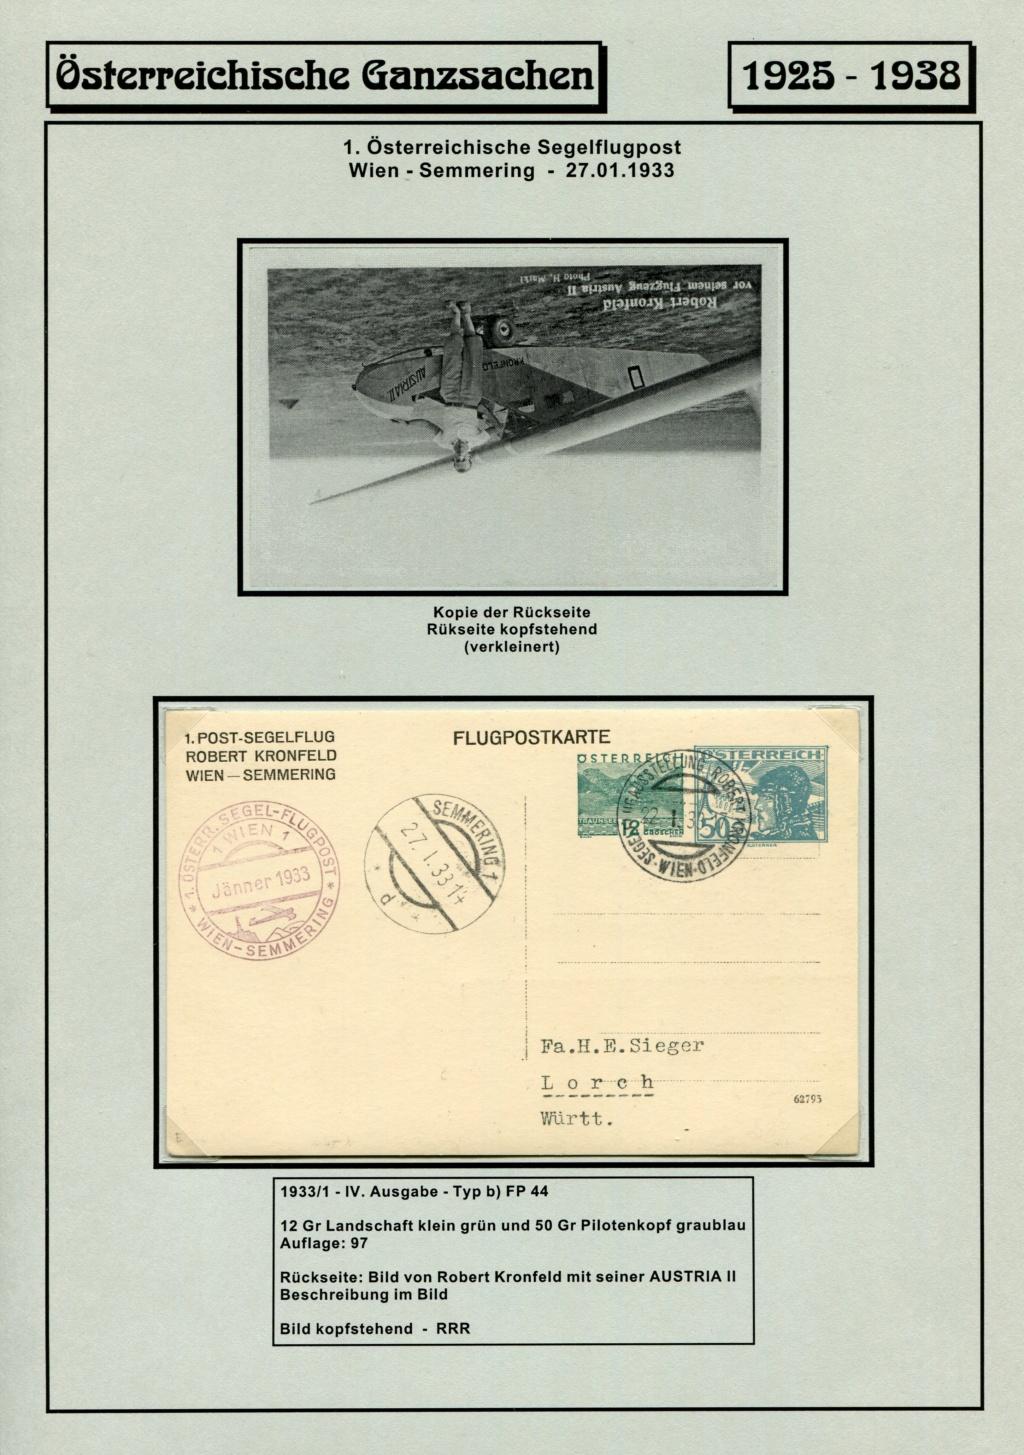 Ganzsachen - Segelflug Robert Kronfeld 1933 Kr_00119